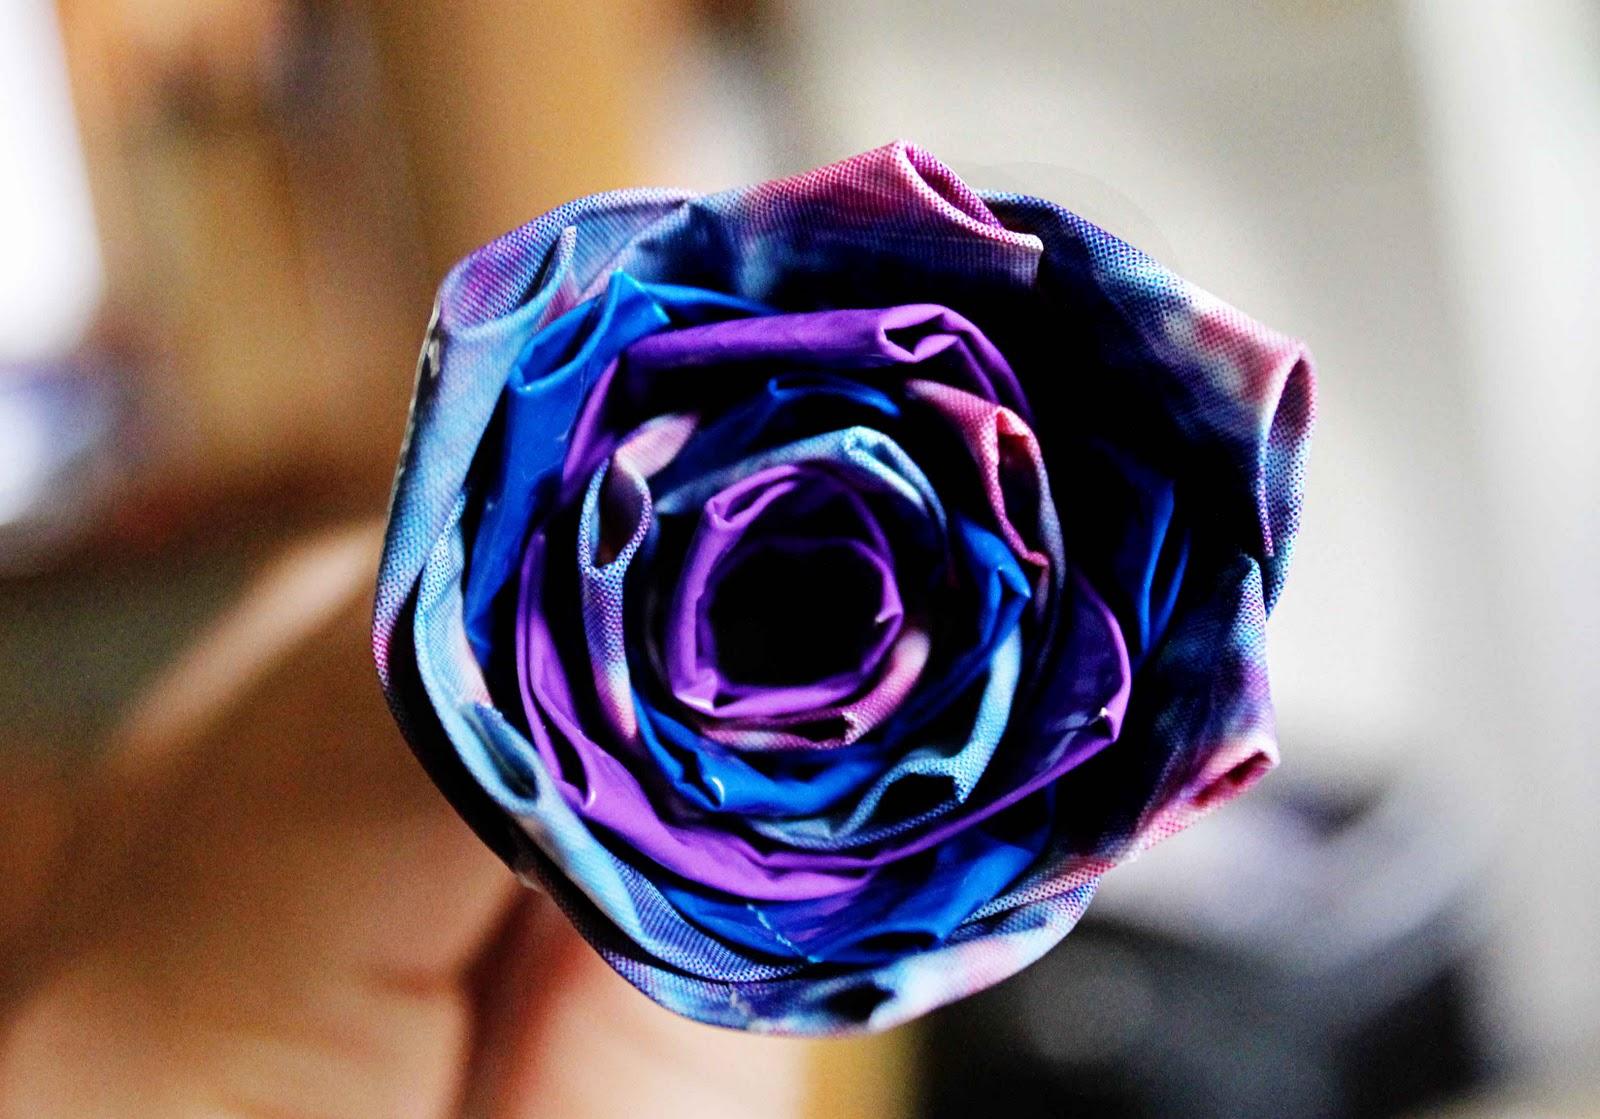 http://3.bp.blogspot.com/-6peGPCJpuM0/ToD2g7QkTWI/AAAAAAAACF4/ws7UVJ_DJxc/s1600/Duct+tape+flower+4.jpg